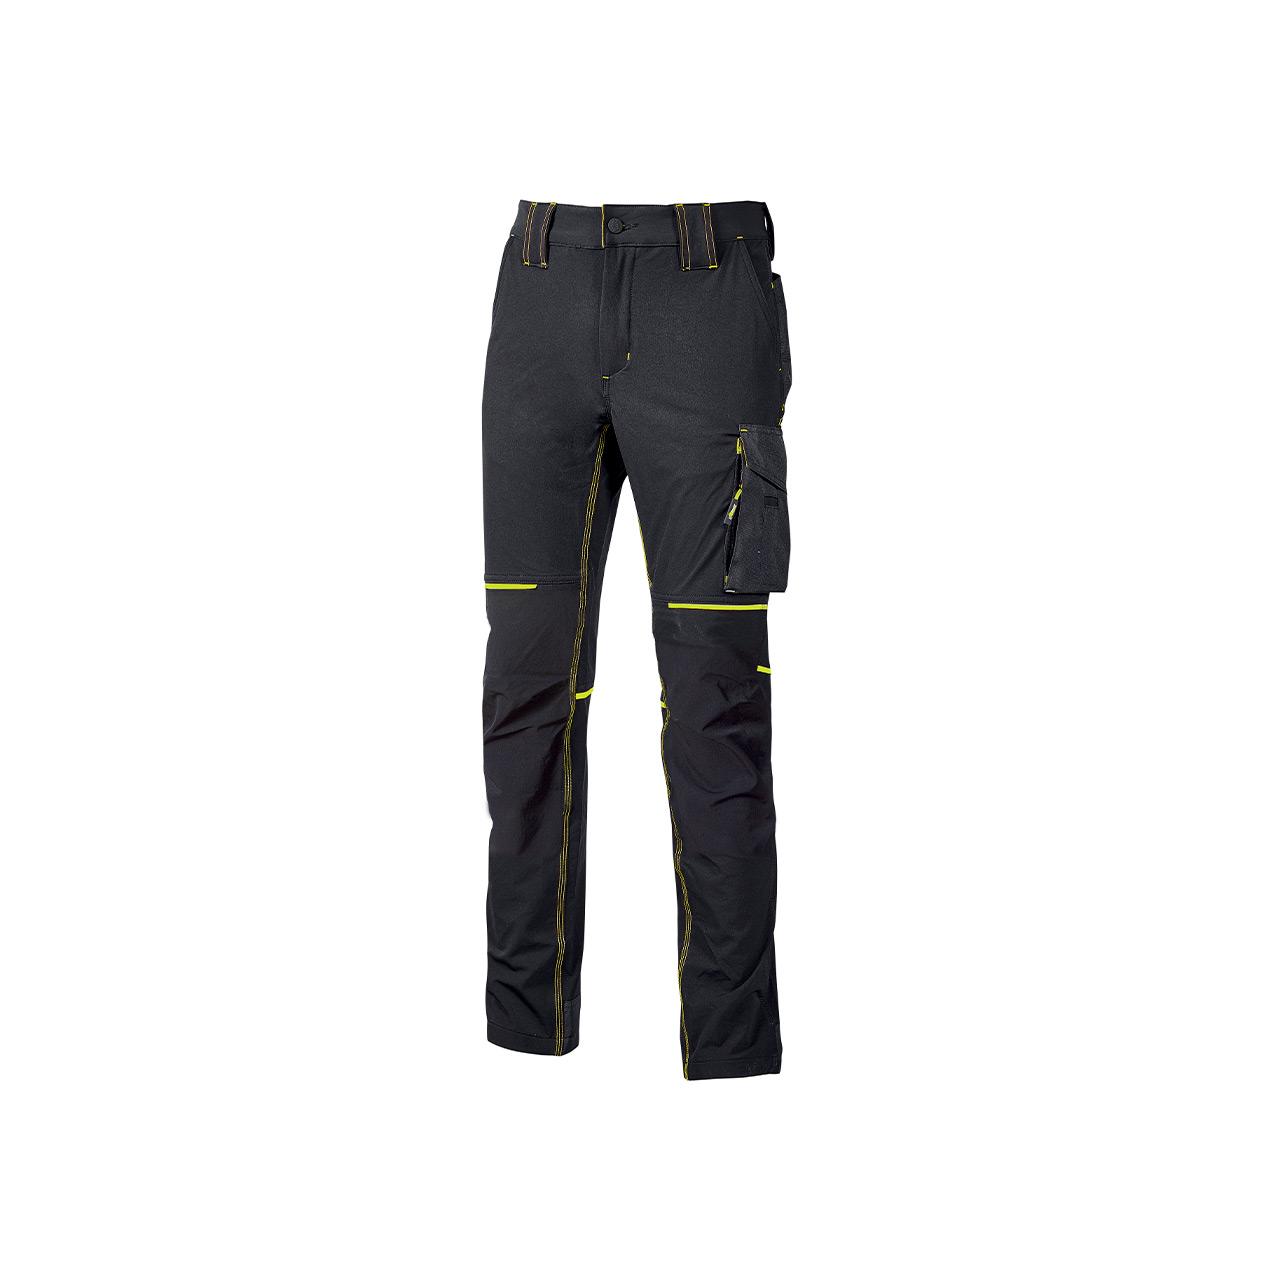 Pantaloni Estivo da Lavoro UPower Modello World